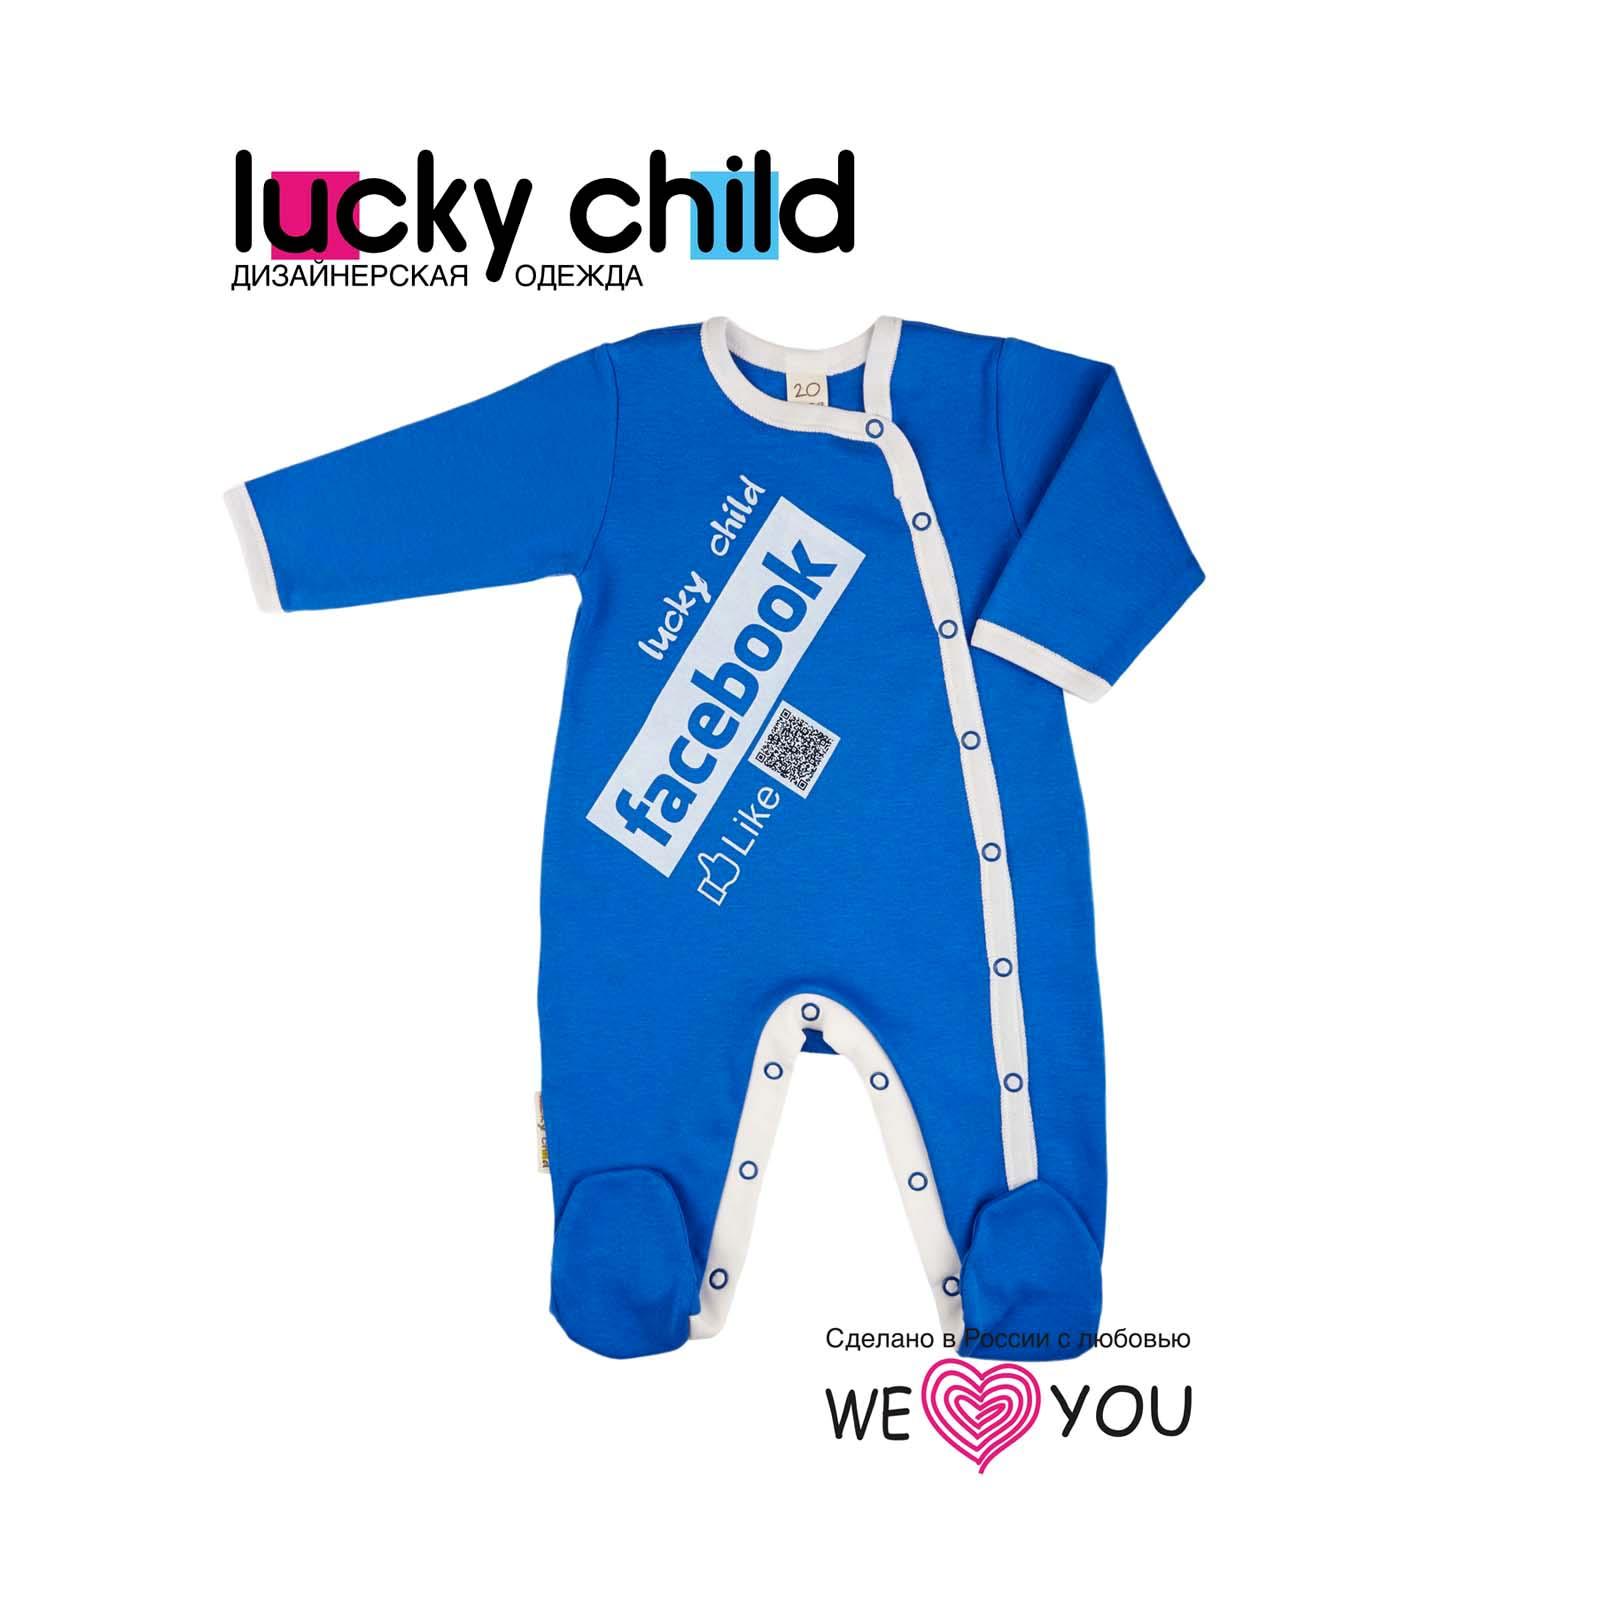 Комбинезон Lucky Child с надписью Facebook размер 62<br>